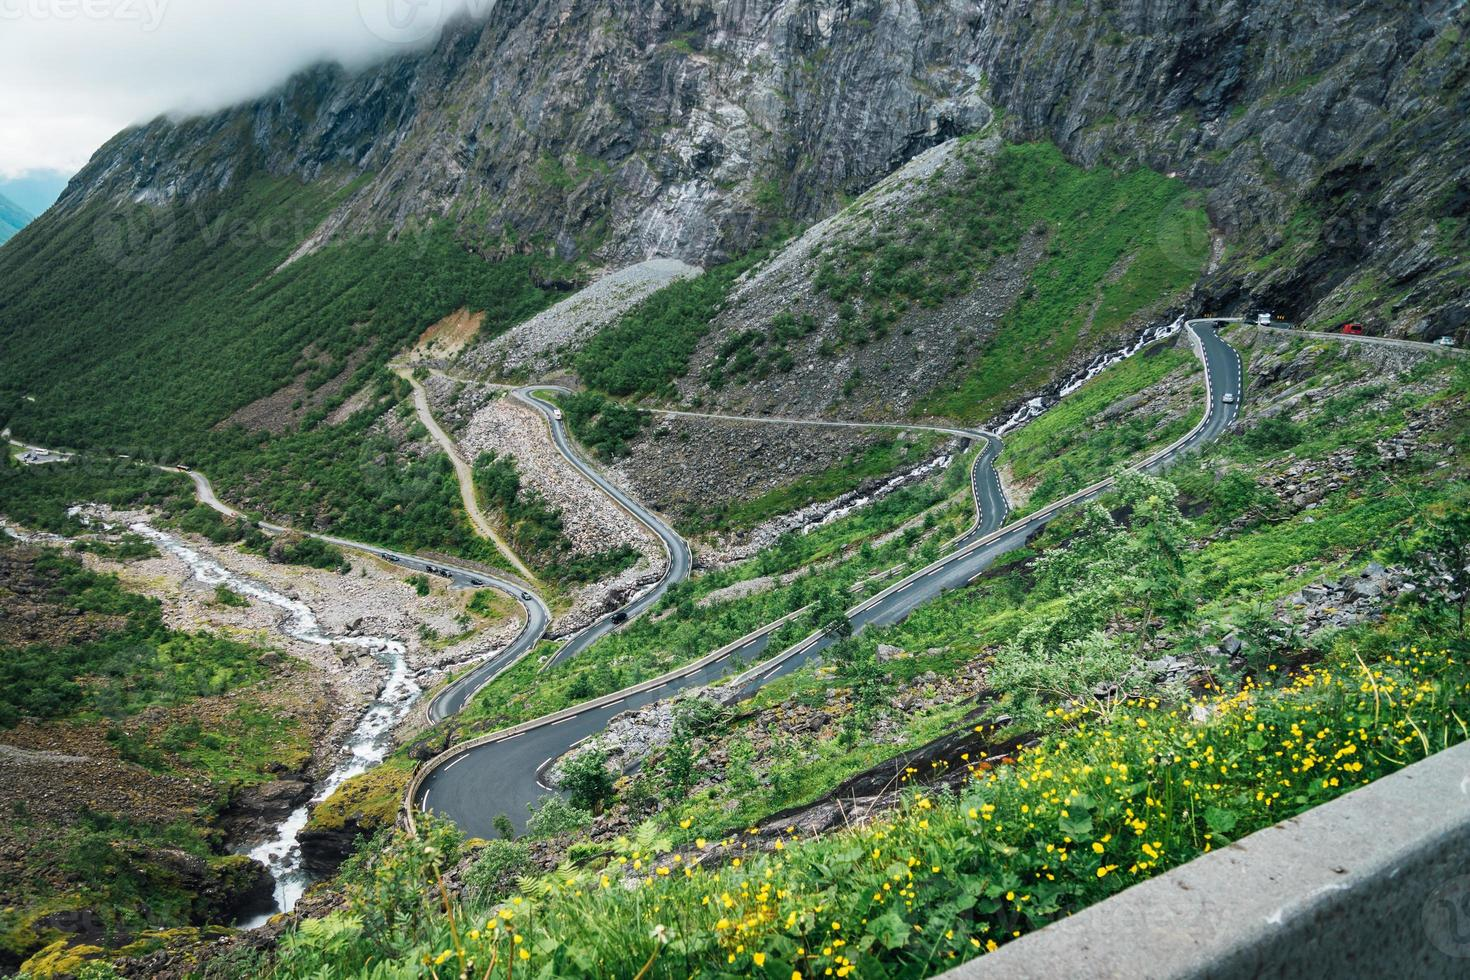 Vue aérienne du célèbre chemin des trolls en Norvège photo